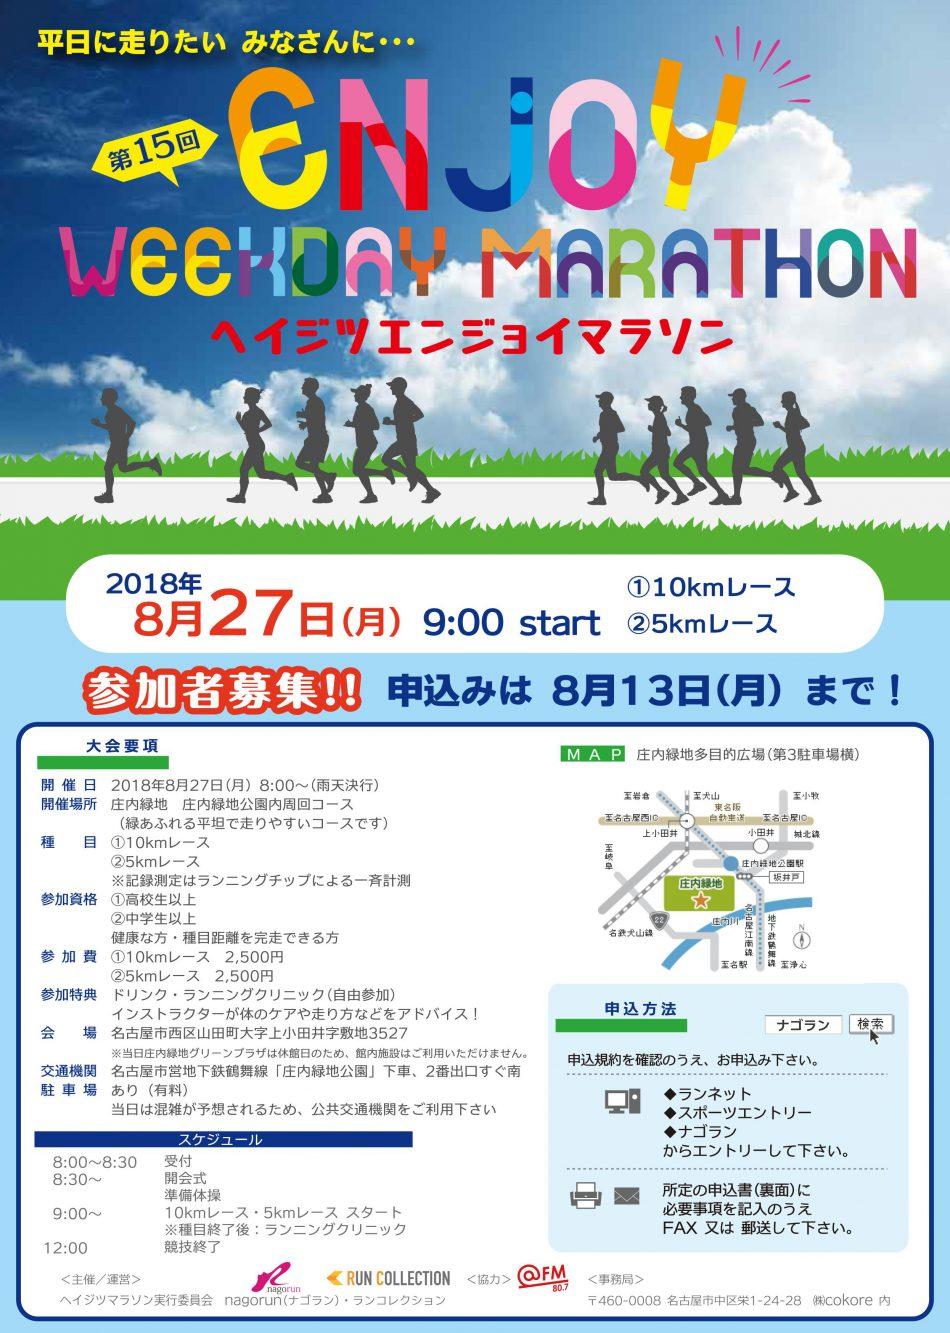 15thヘイジツマラソン_01